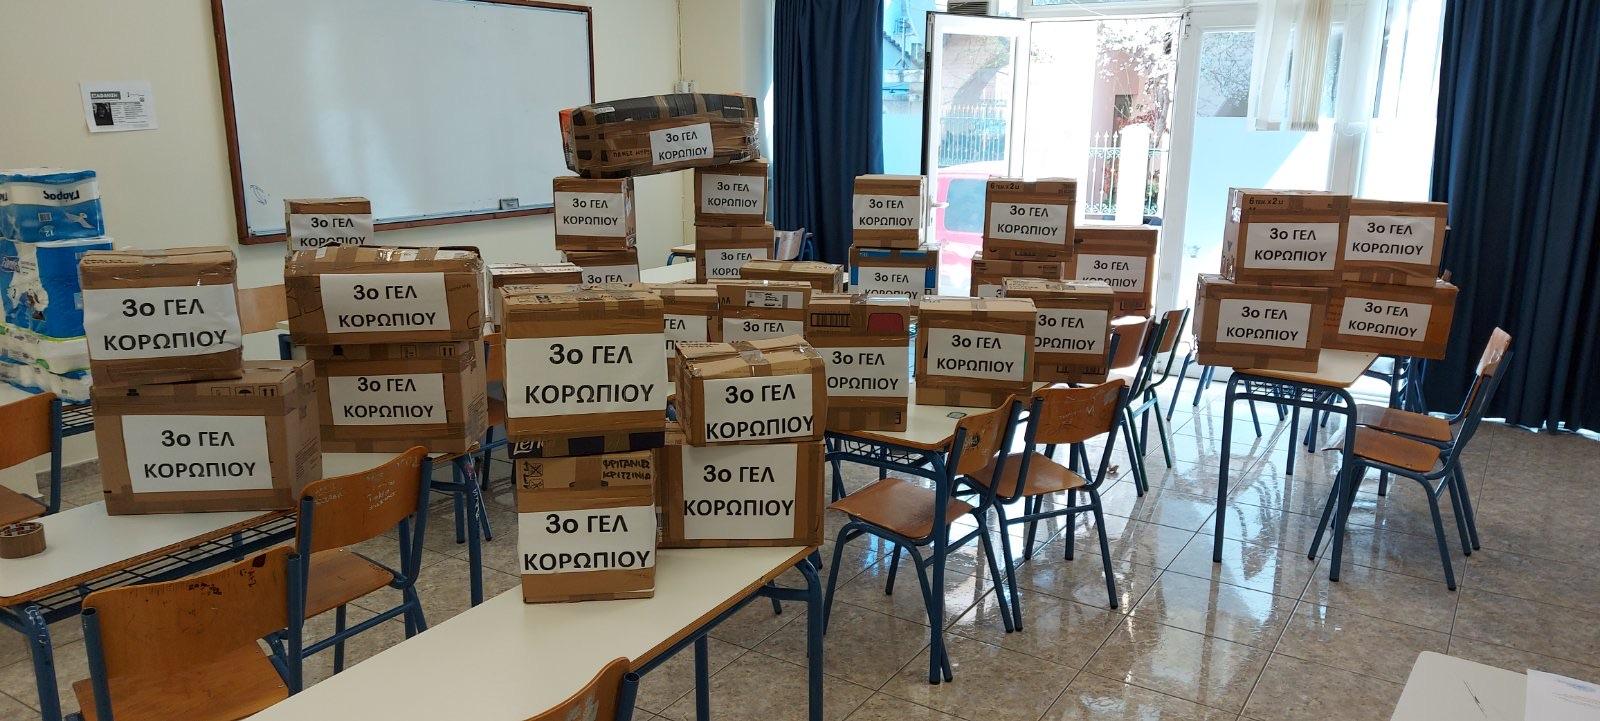 Παραδόθηκε η ανθρωπιστική βοήθεια του 3ου ΓΕΛ Κορωπίου στο Κοινωνικό Παντοπωλείο της Ιεράς Μητρόπολης Ελασσώνος για τους σεισμόπληκτους της περιοχής